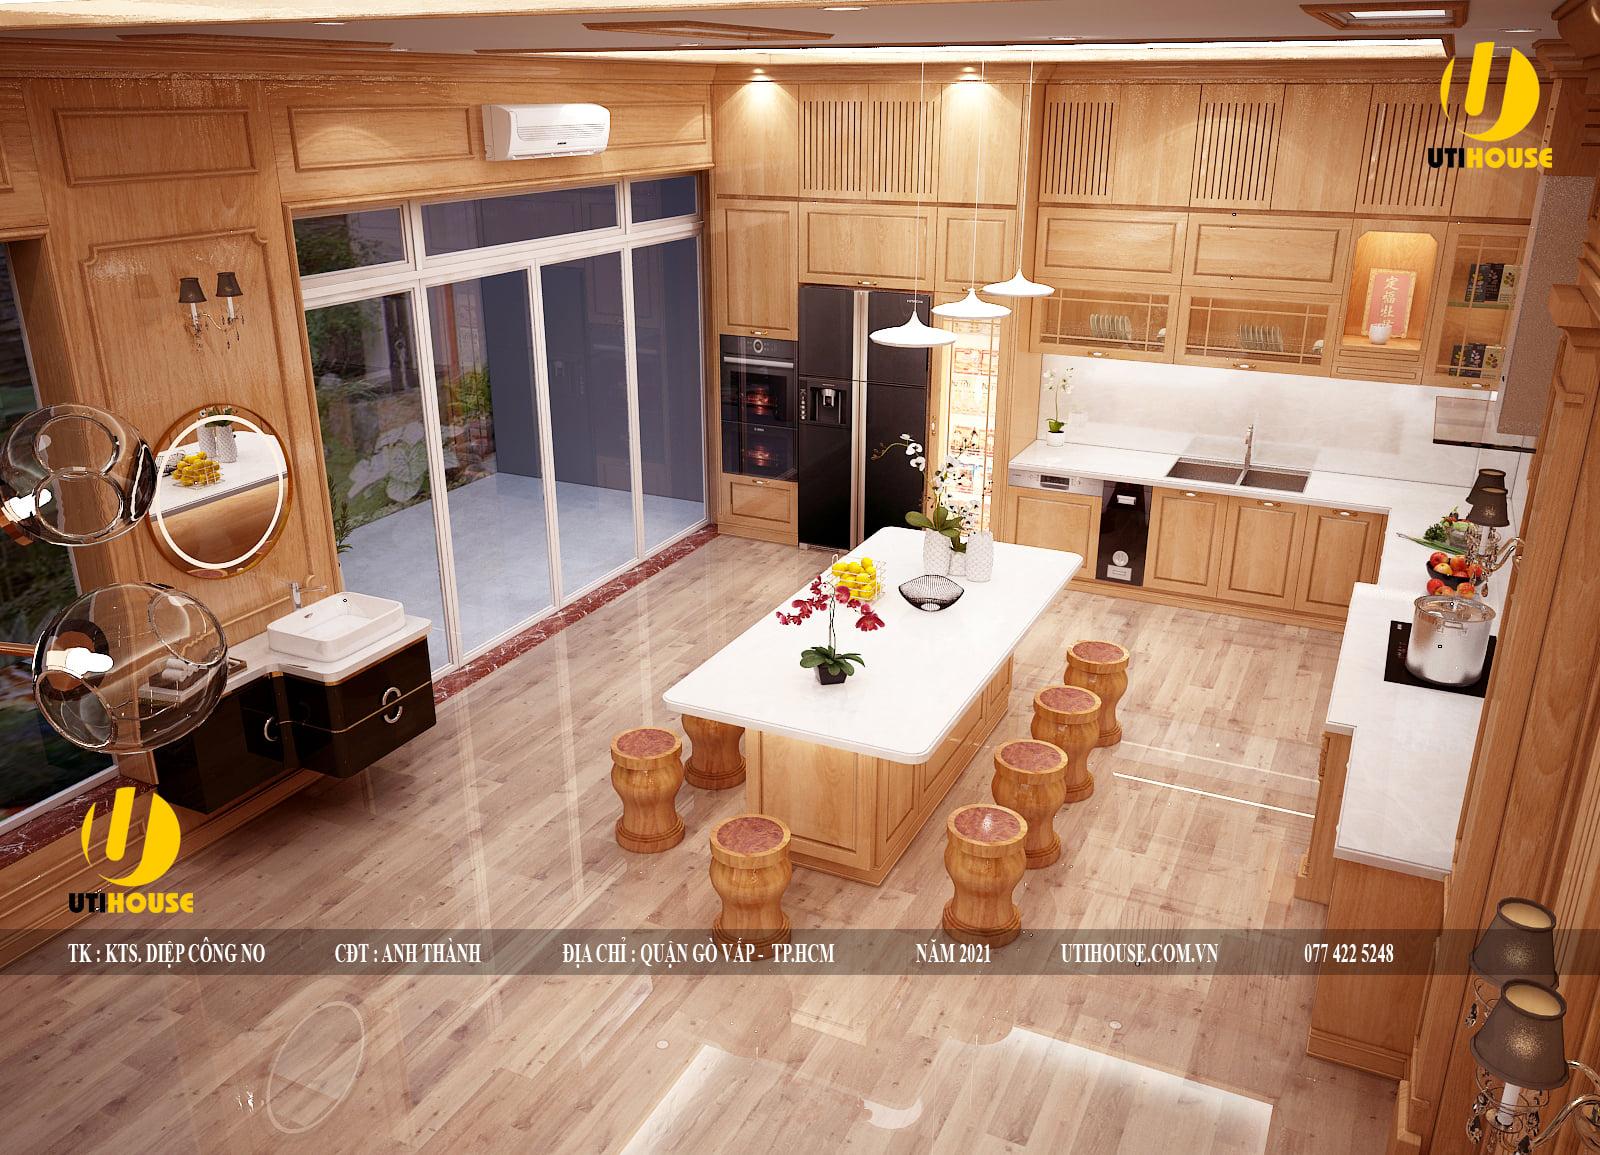 TOP mẫu bàn đá, bàn gỗ xu hướng thiết kế cho phòng ăn